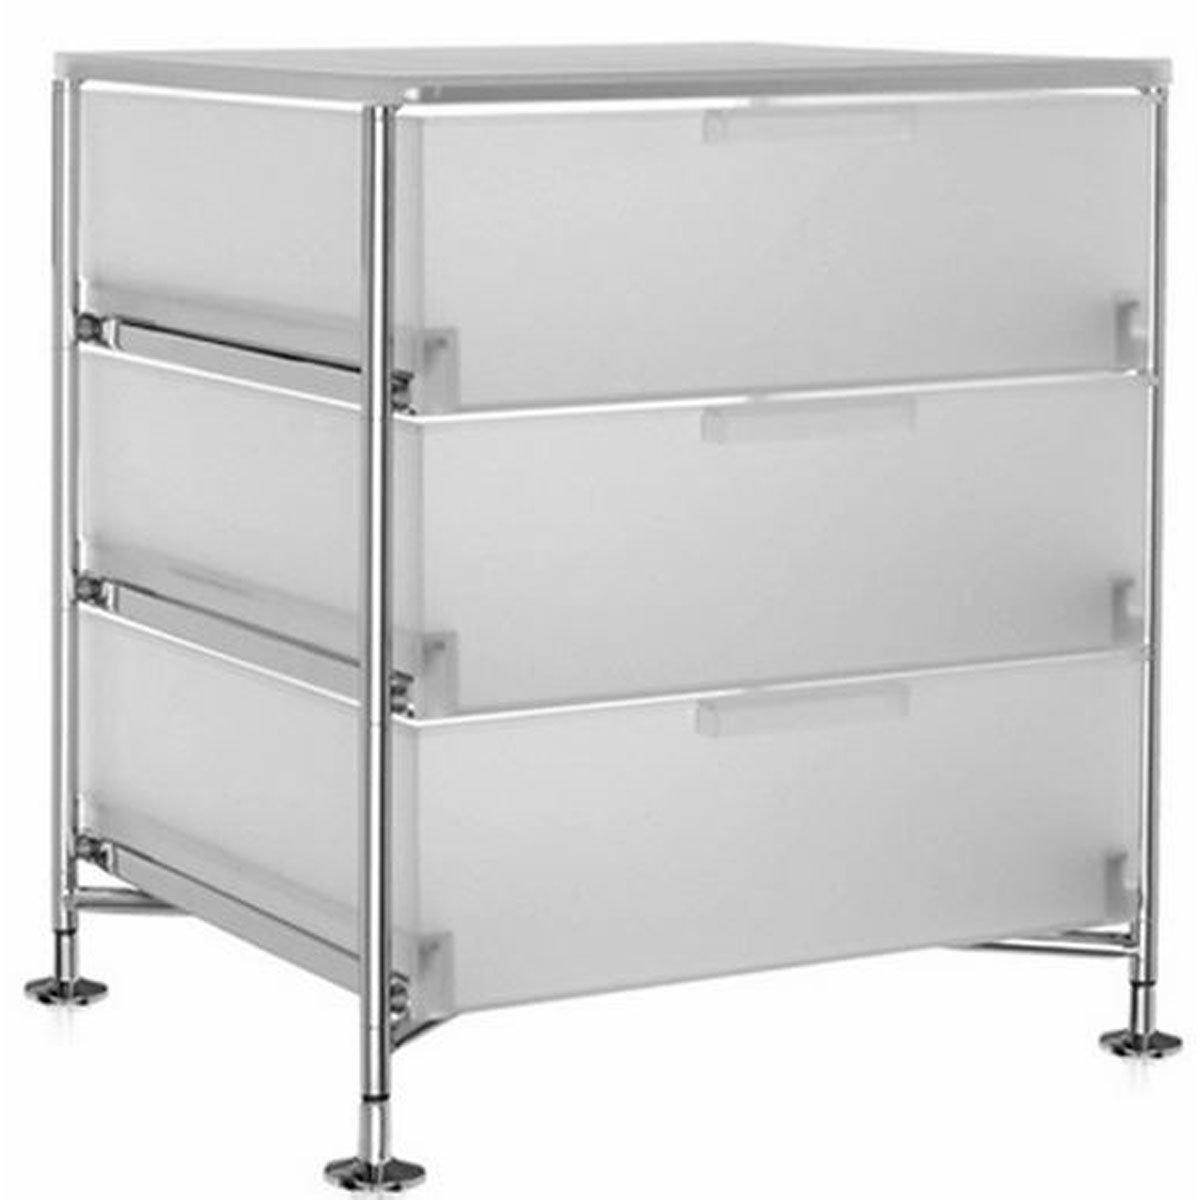 Kartell 2330L1 Container Mobil, 3 Schubladen, eisfarben